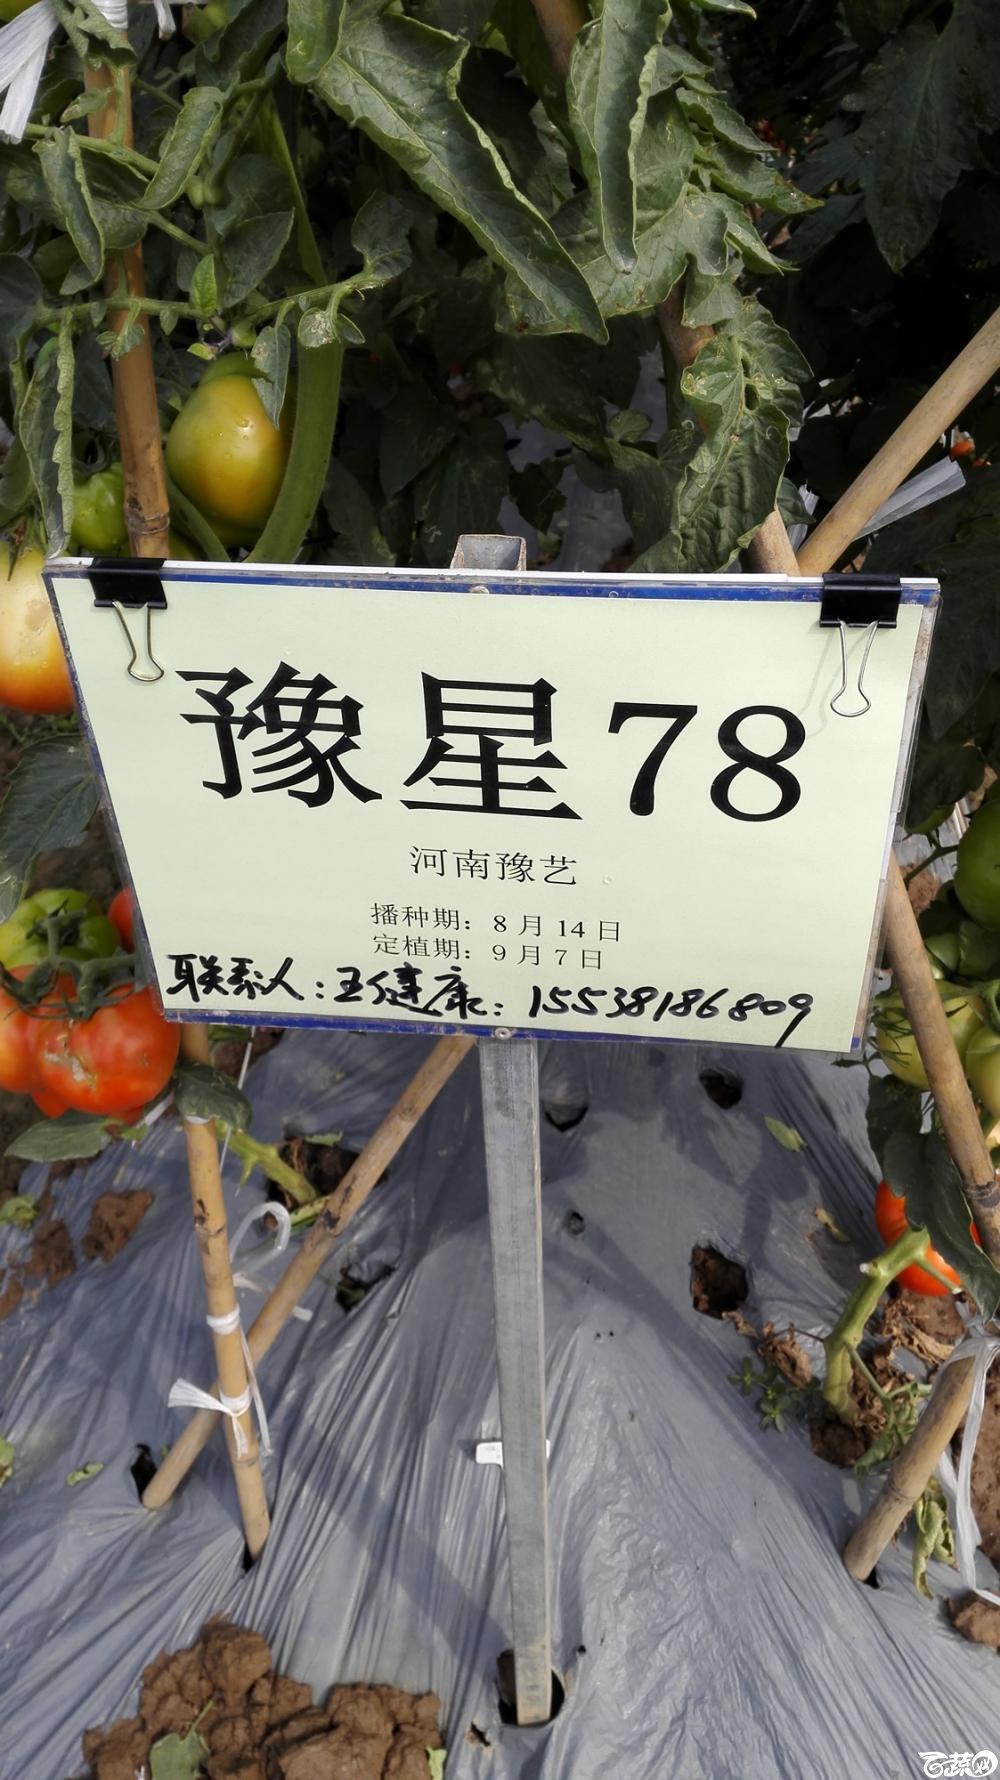 2014年12月8号中山蔬菜新品种展示会_番茄_024.jpg